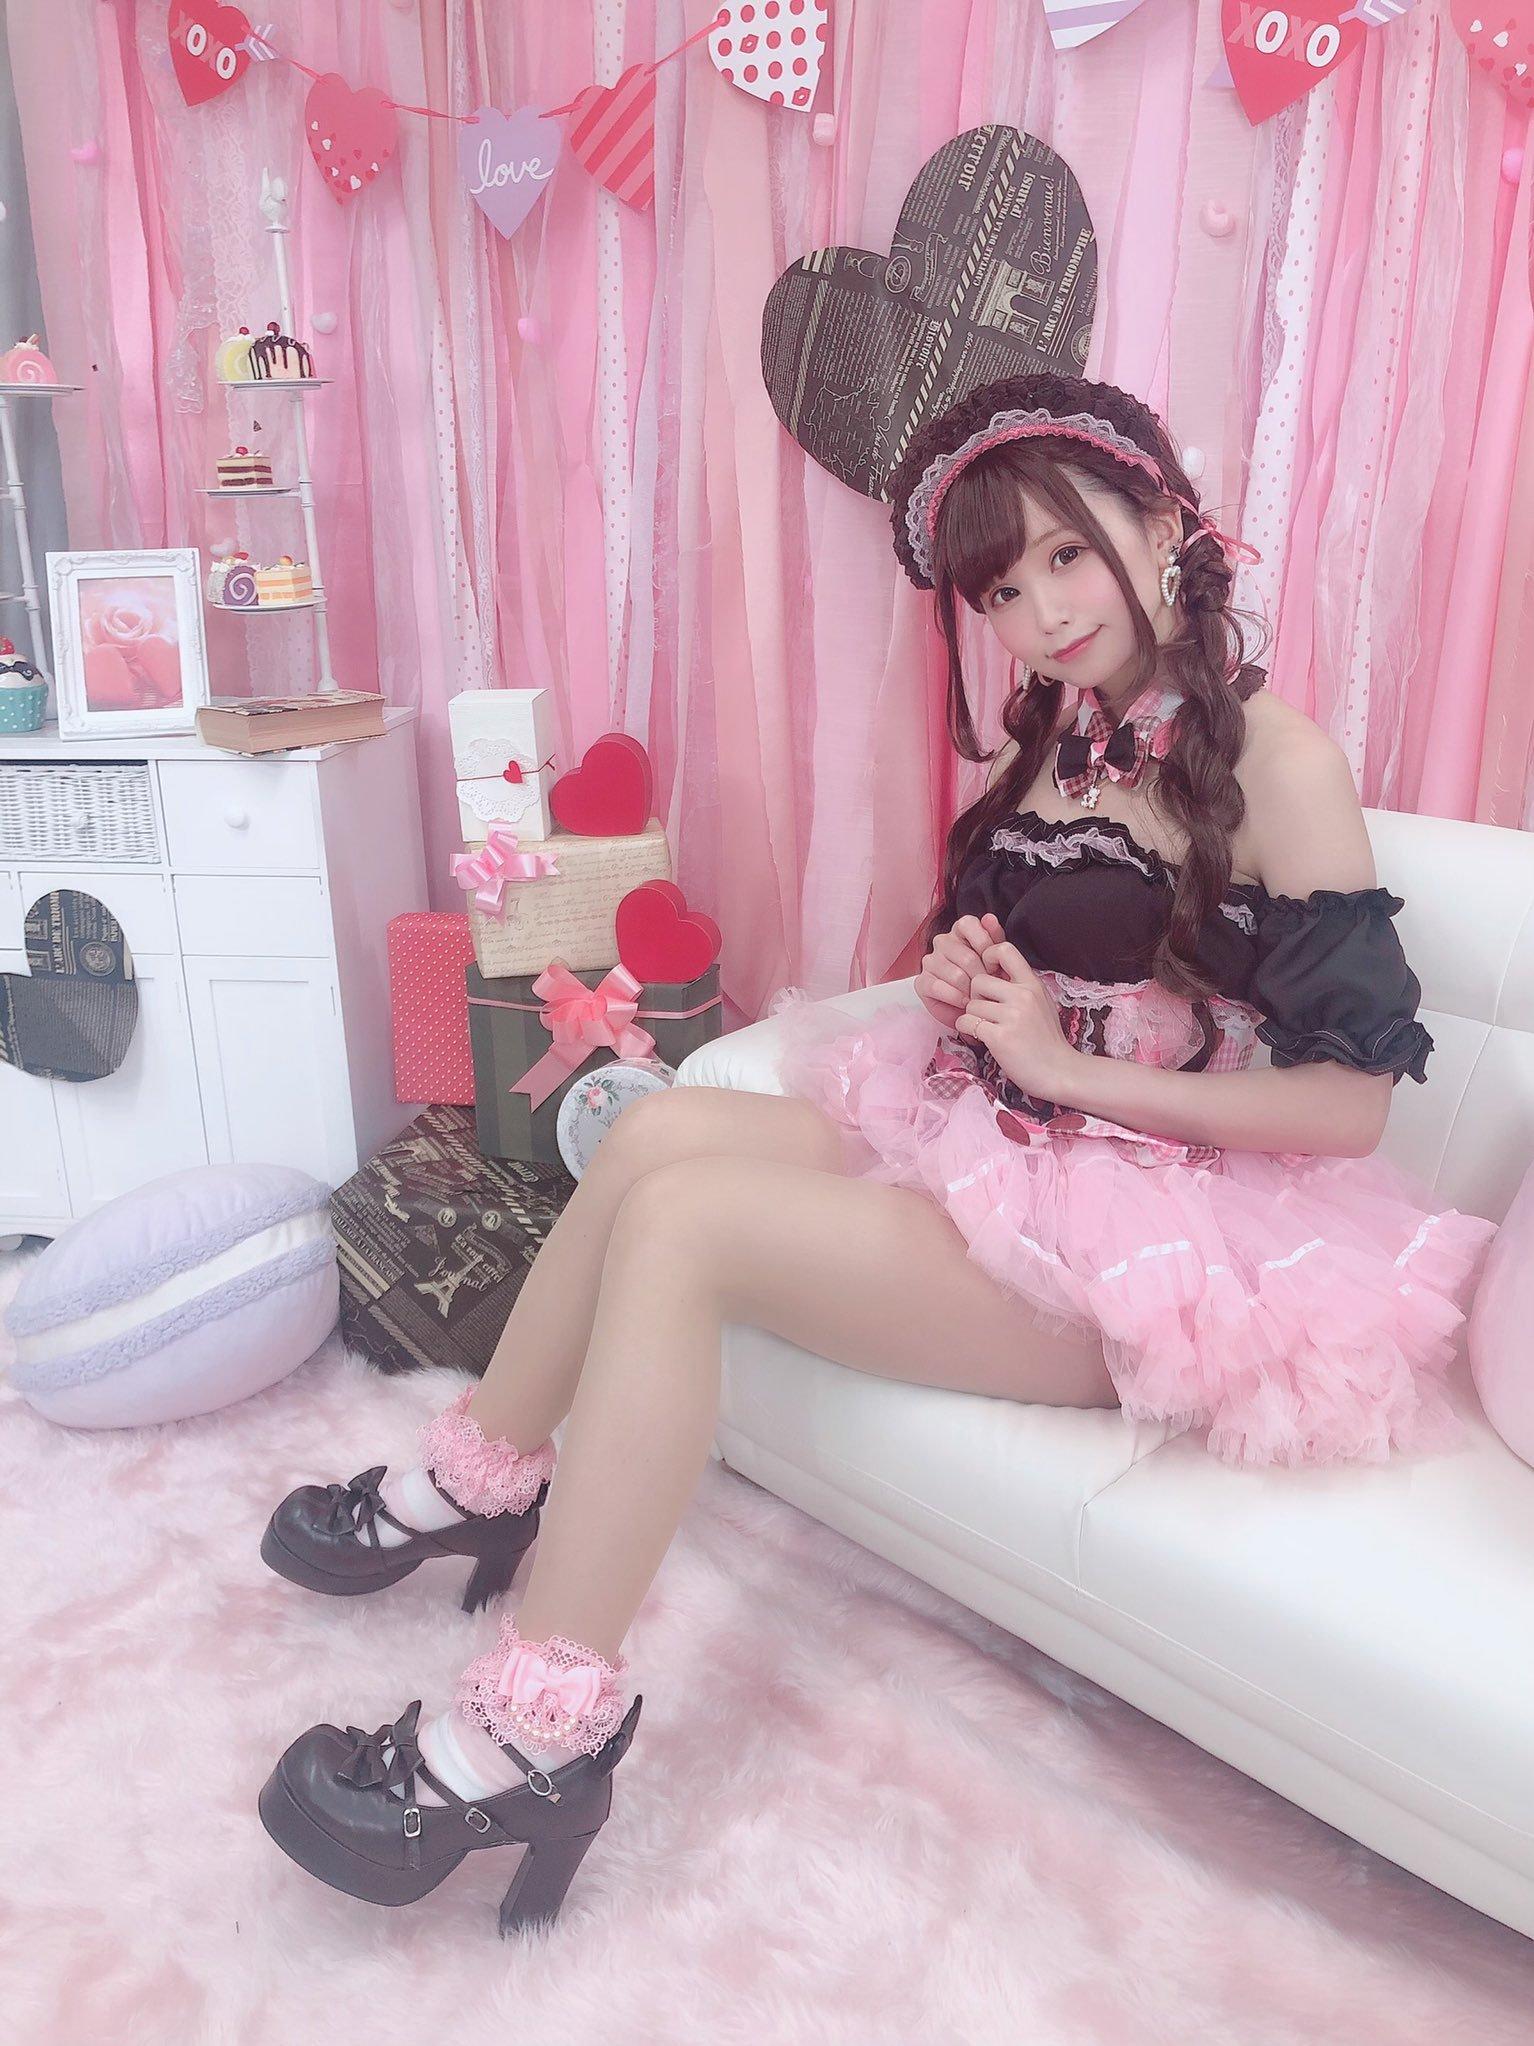 itsuki_akira 1228961708653211649_p3